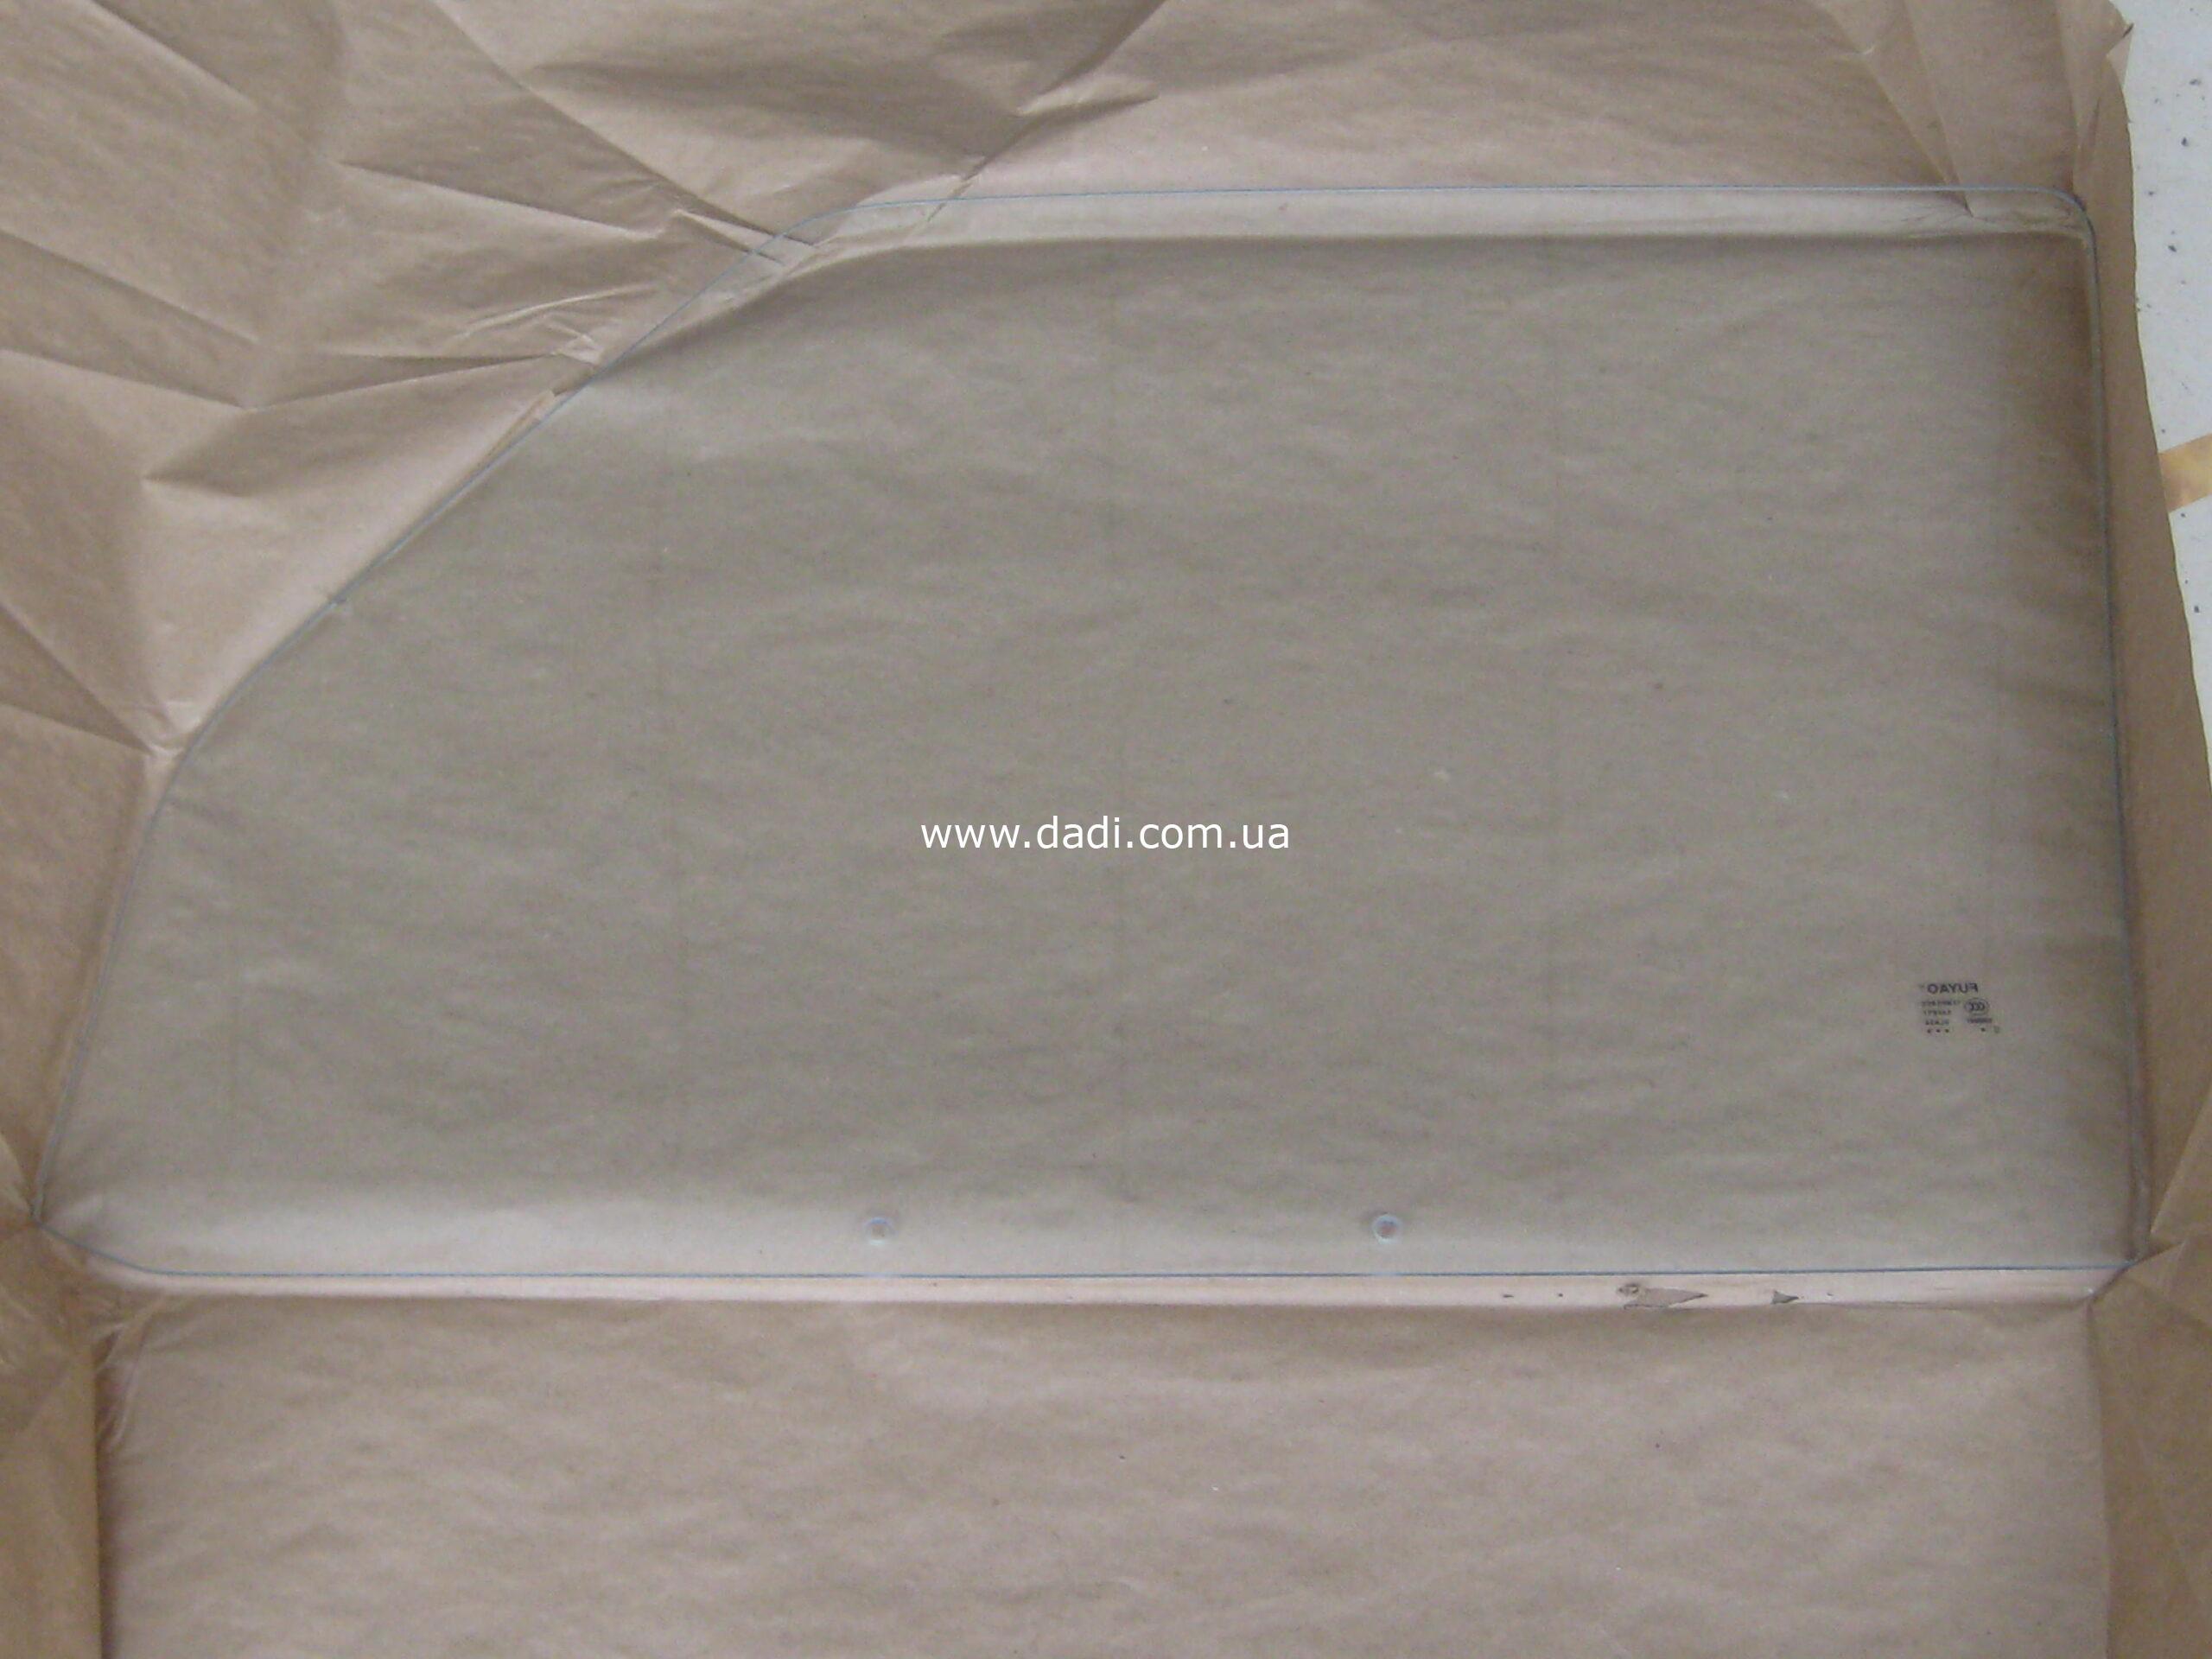 Скло передніх лівих дверей Wuling 6376/ стекло передней левой двери-0